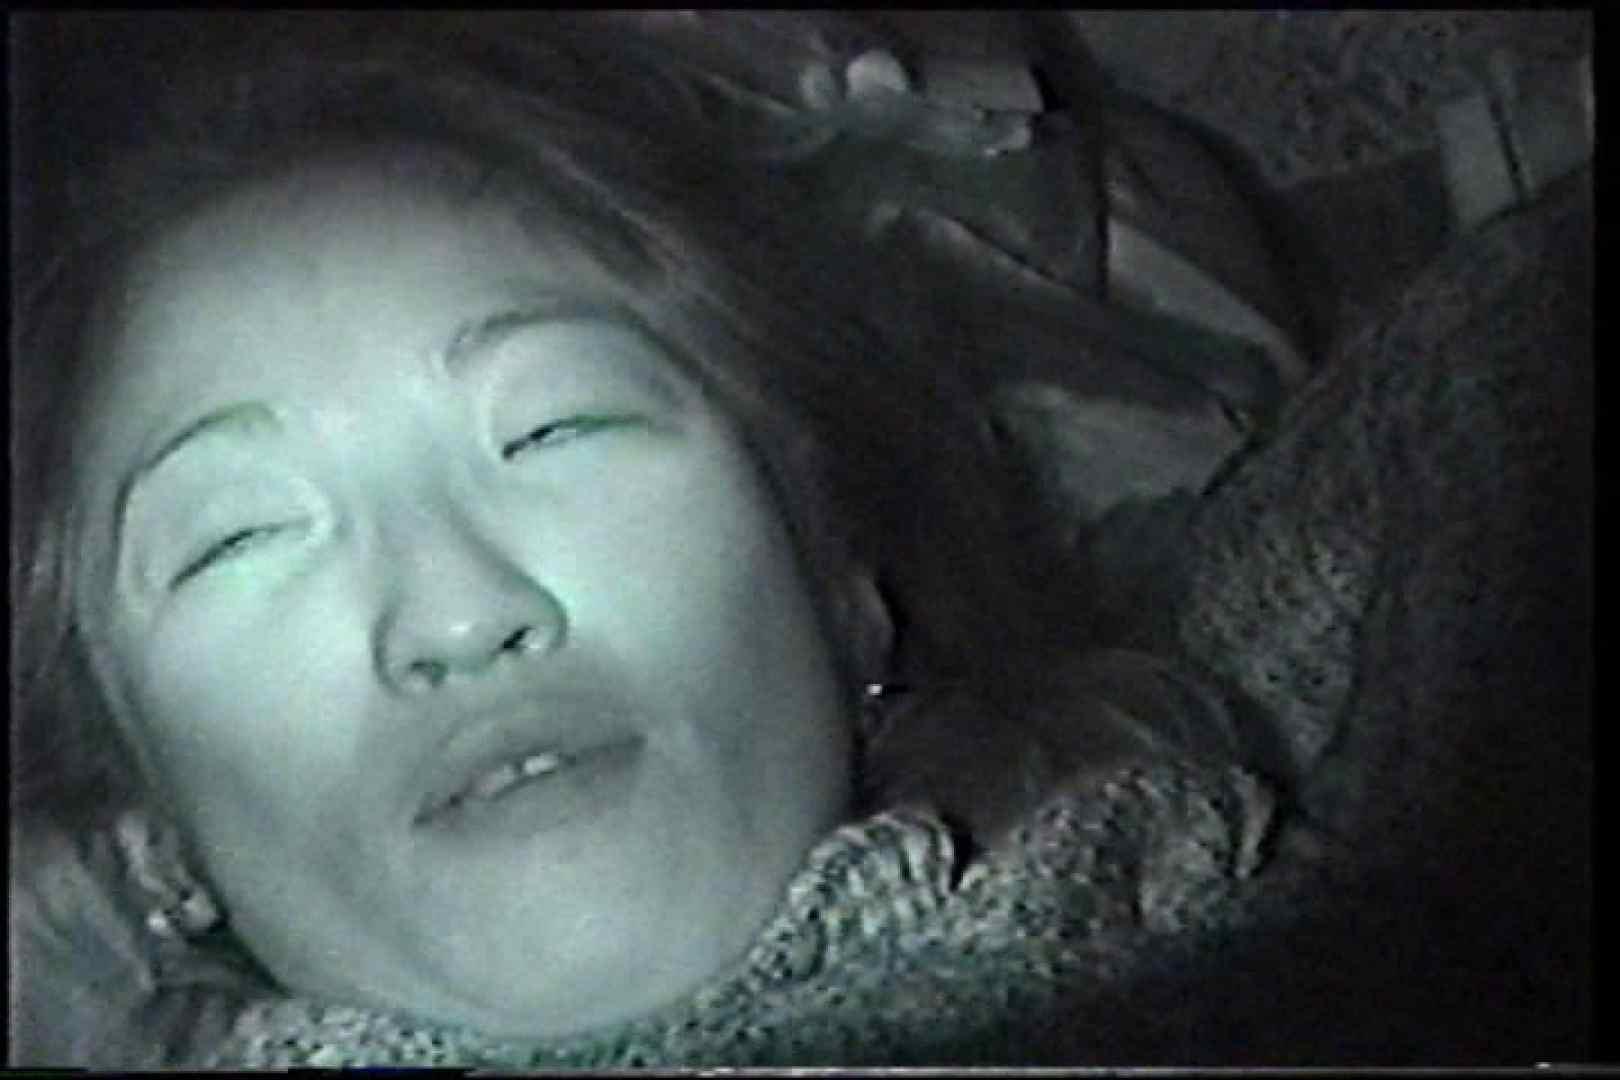 充血監督の深夜の運動会Vol.214 後編. 0   カップル  88pic 67